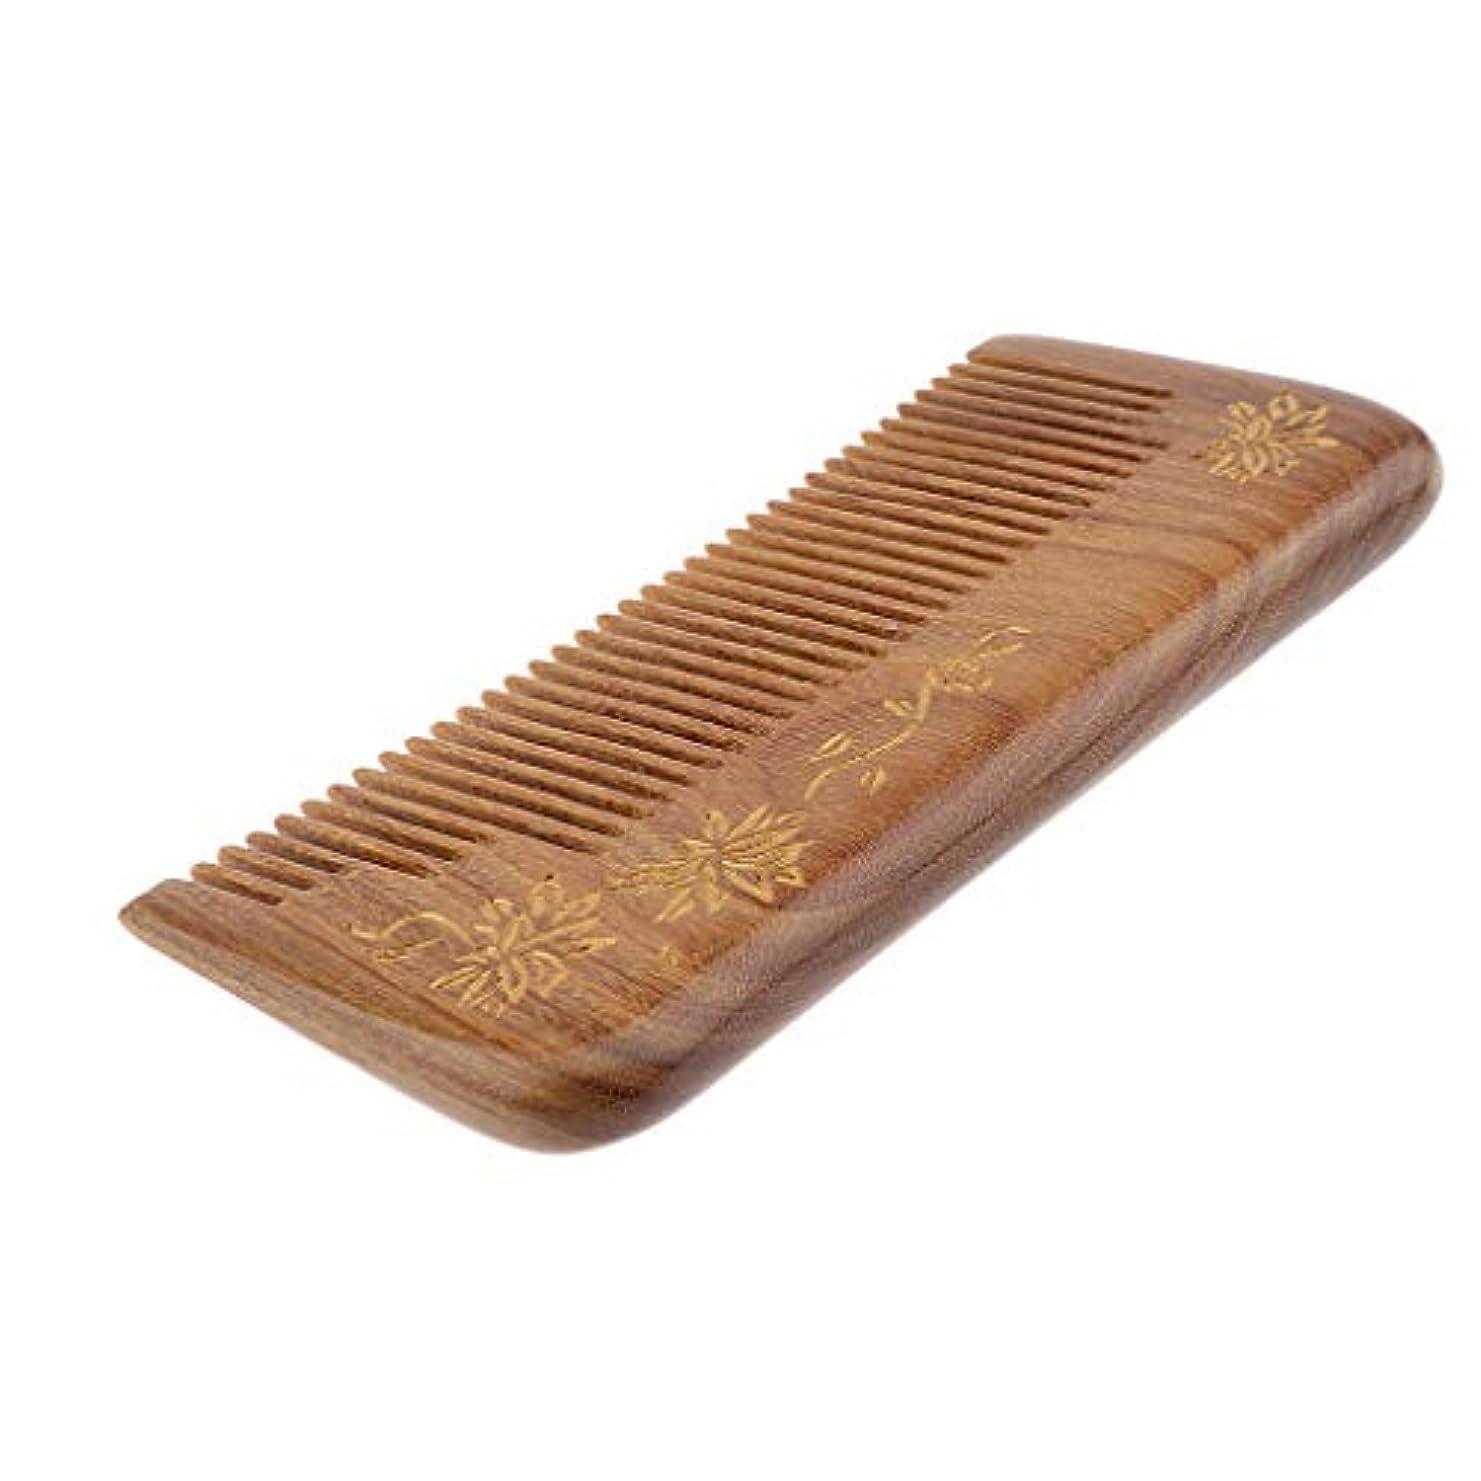 円形主婦数帯電防止櫛 ヘアブラシ 木製櫛 広い歯 自然な木 マッサージ櫛 プレゼント 4仕様選べ - #3